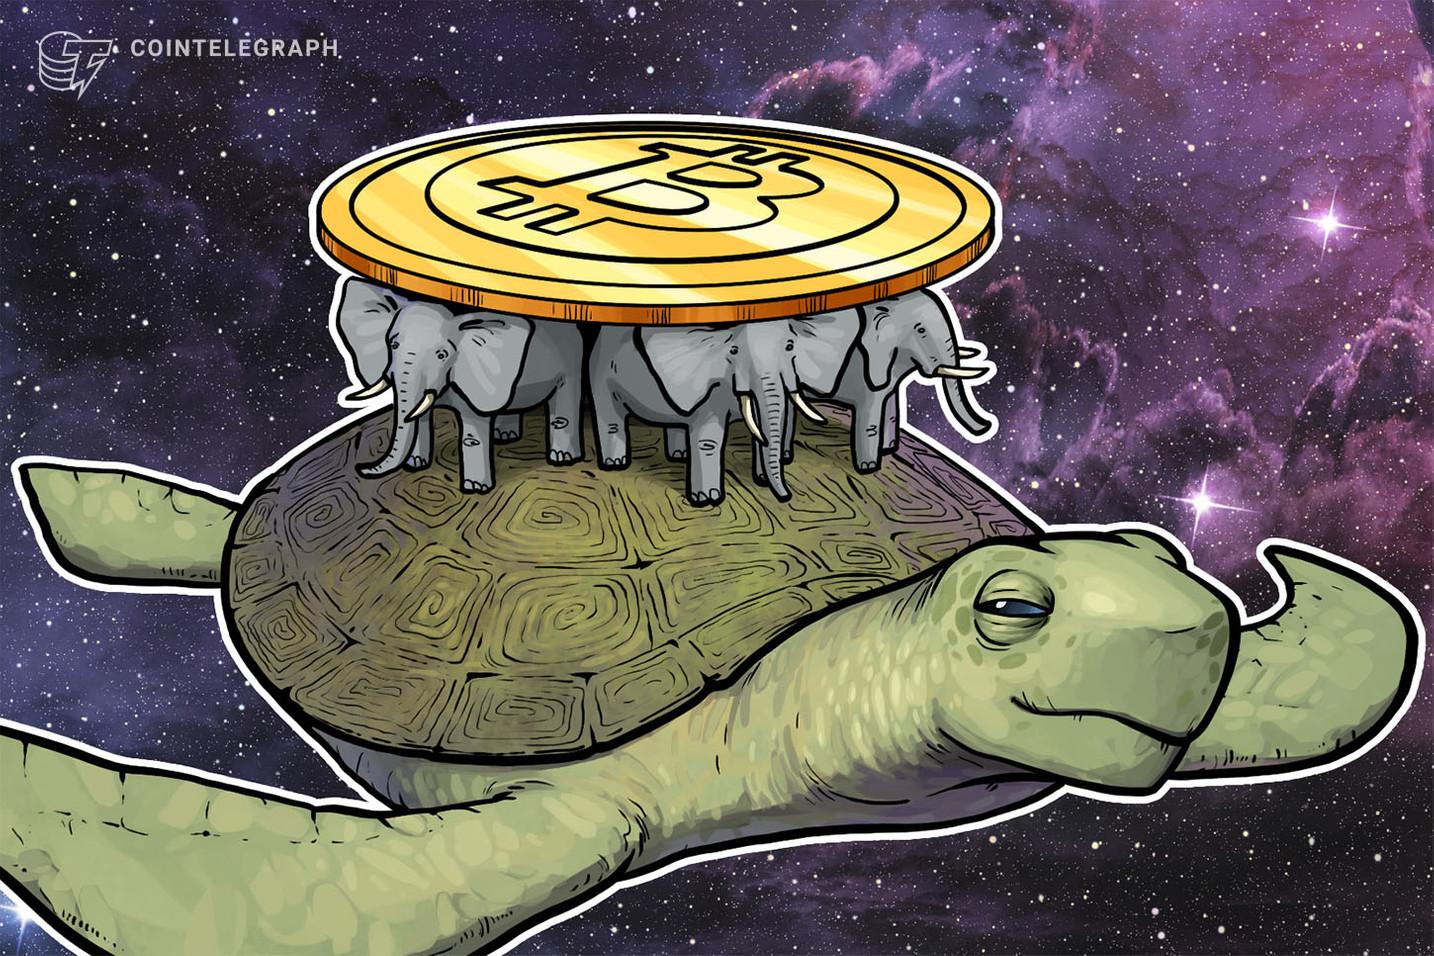 """កំណត់ត្រាល្បឿន Bitcoin ទាបបង្ហាញថាប៊ី។ ស៊ីធីអាច """"រំកិលទៅរកចំណុចធ្លាក់ចុះ"""""""